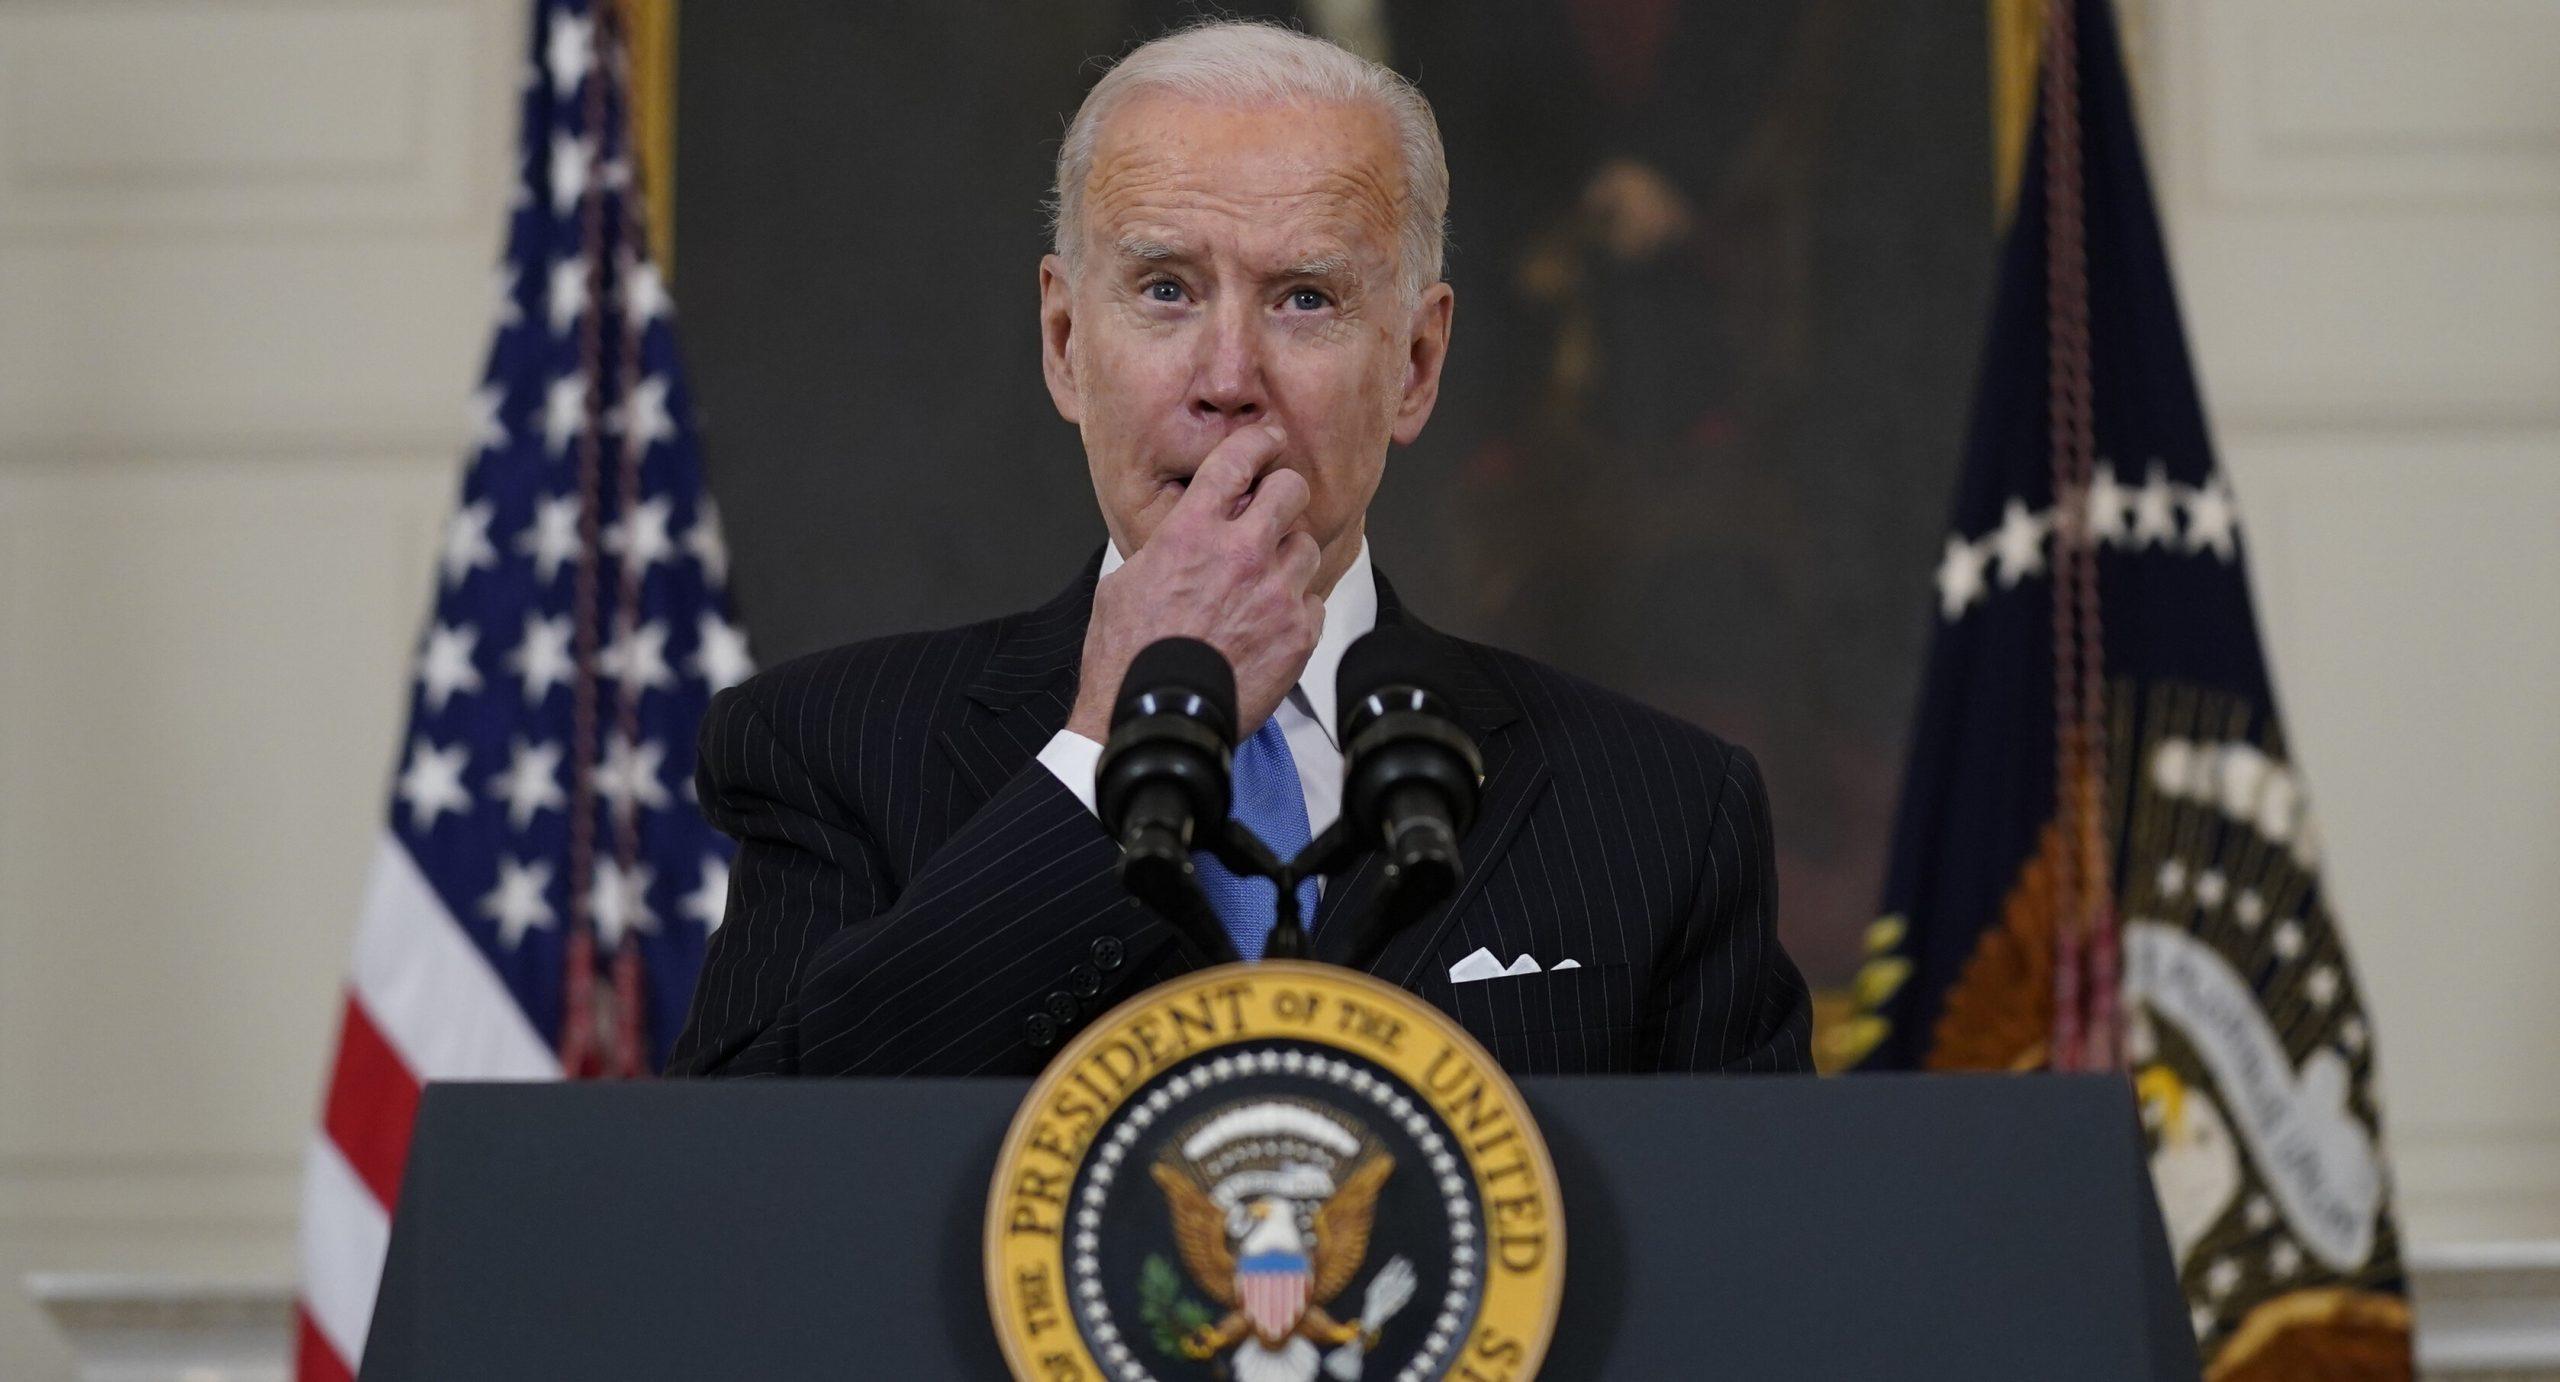 Pfizer, printre companiile care au susținut financiar inaugurarea lui Biden. 61,8 milioane de dolari au fost donate